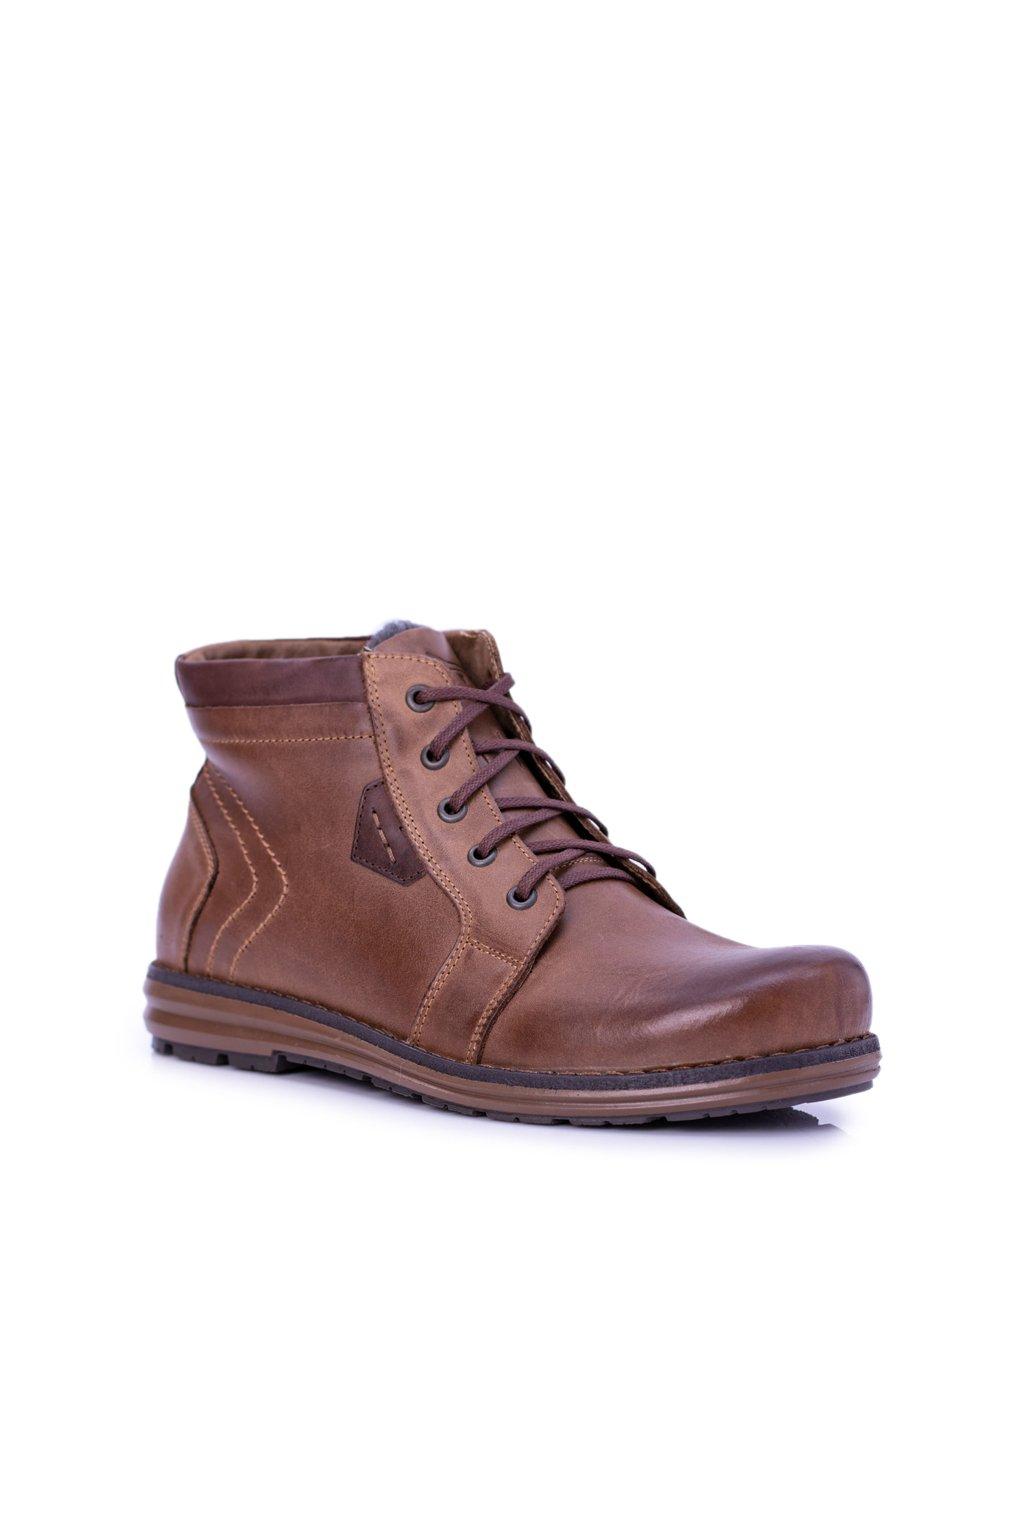 Pánske topánky hnedé teplé topánky Verno